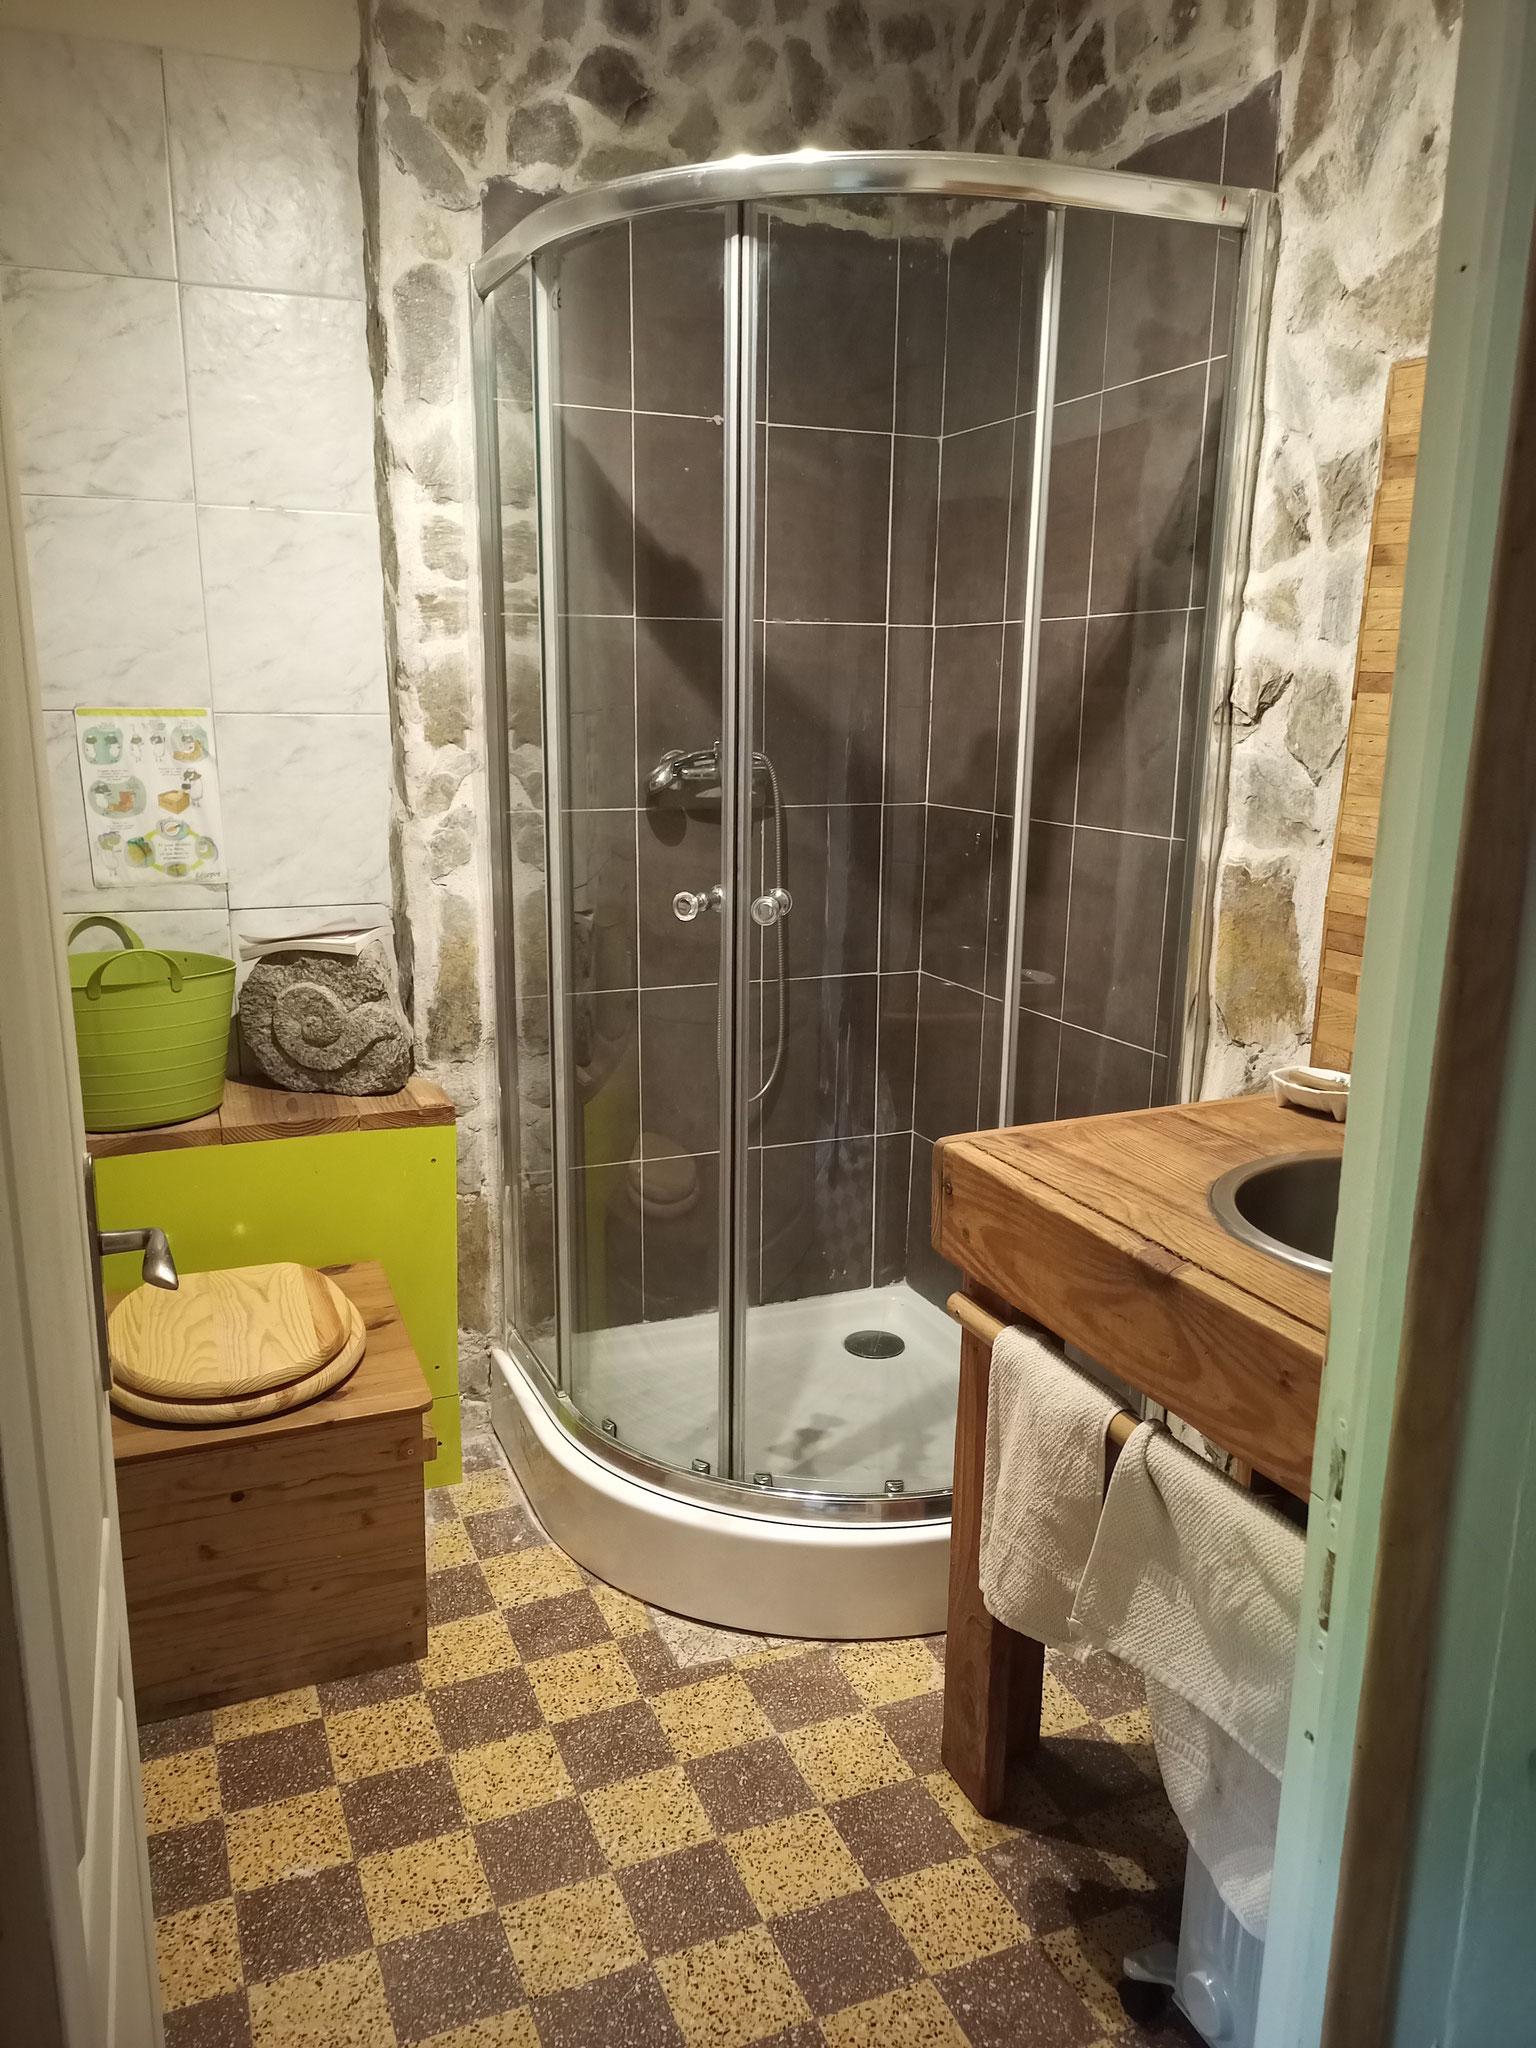 Douche à l'interieur de la maison réservée uniquement pour la chambre